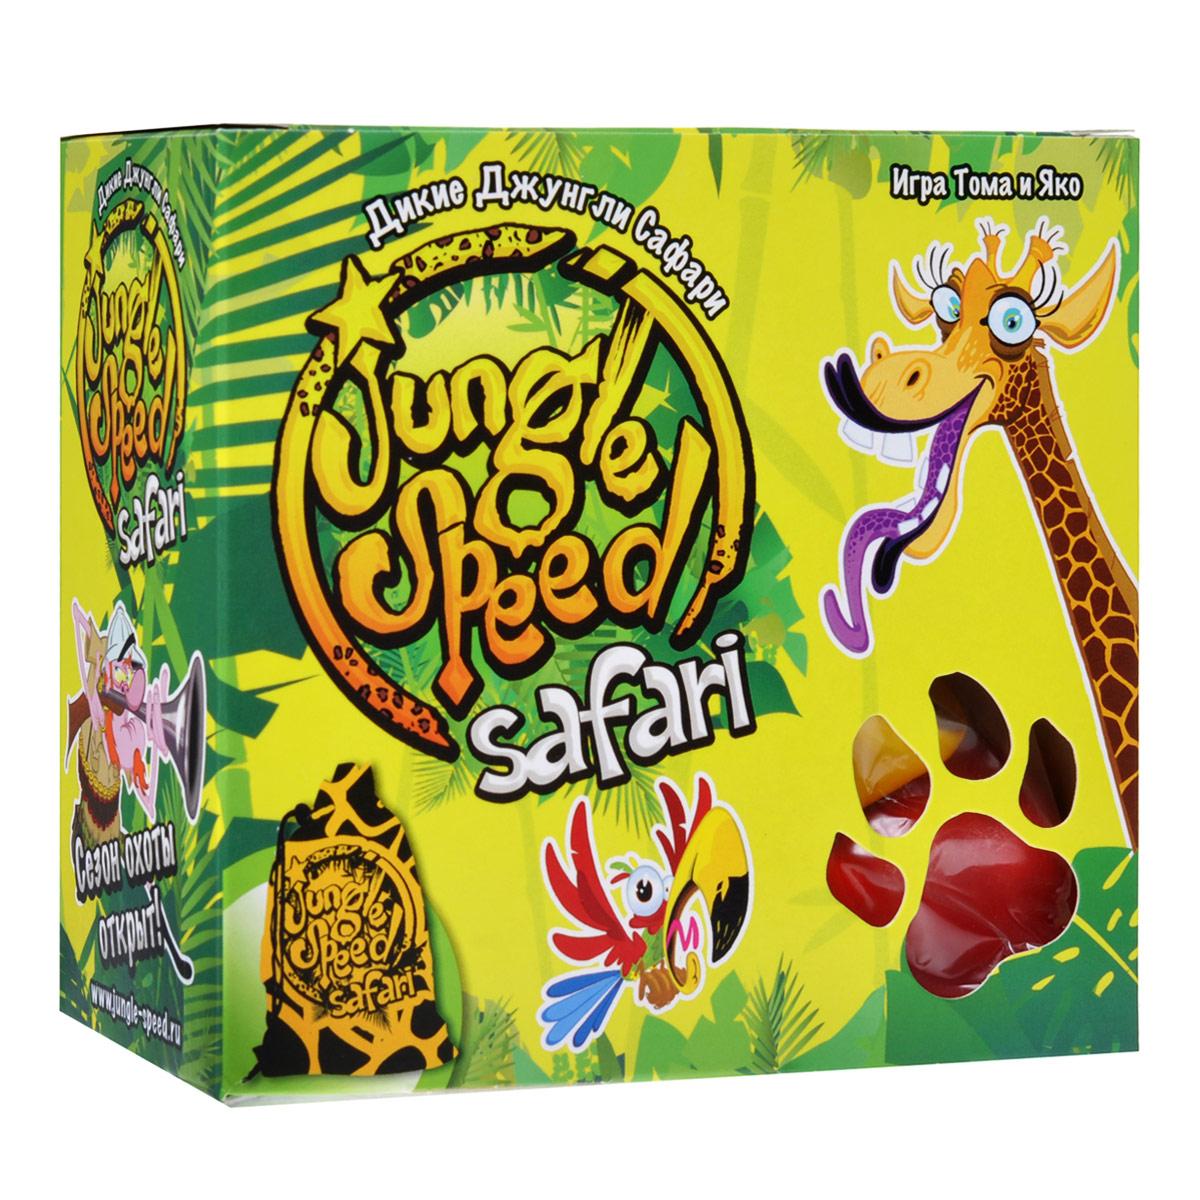 Настольная игра Дикие джунгли: СафариР61756Настольная игра «Дикие Джунгли» (Jungle Speed Safari) гарантирует вам всплеск адреналина и бурю эмоций! Обычно в джунглях царит мир, но когда приходит время еды, звери собираются вокруг лесных тотемов и их дикие инстинкты берут верх. Самый голодный первым бросается на добычу. Остальные сердятся и кричат, и только хамелеон прячется. Когда же появляется охотник, начинается настоящая паника. Животным приходится защищаться. В комплект игры входят: 5 тотемов, 42 карты, мешочек для хранения и правила игры на русском языке. Это веселая и несложная игра, в которой вам потребуется внимательность и быстрая реакции. Количество: 2-6 игроков. Время игры: 15 минут.